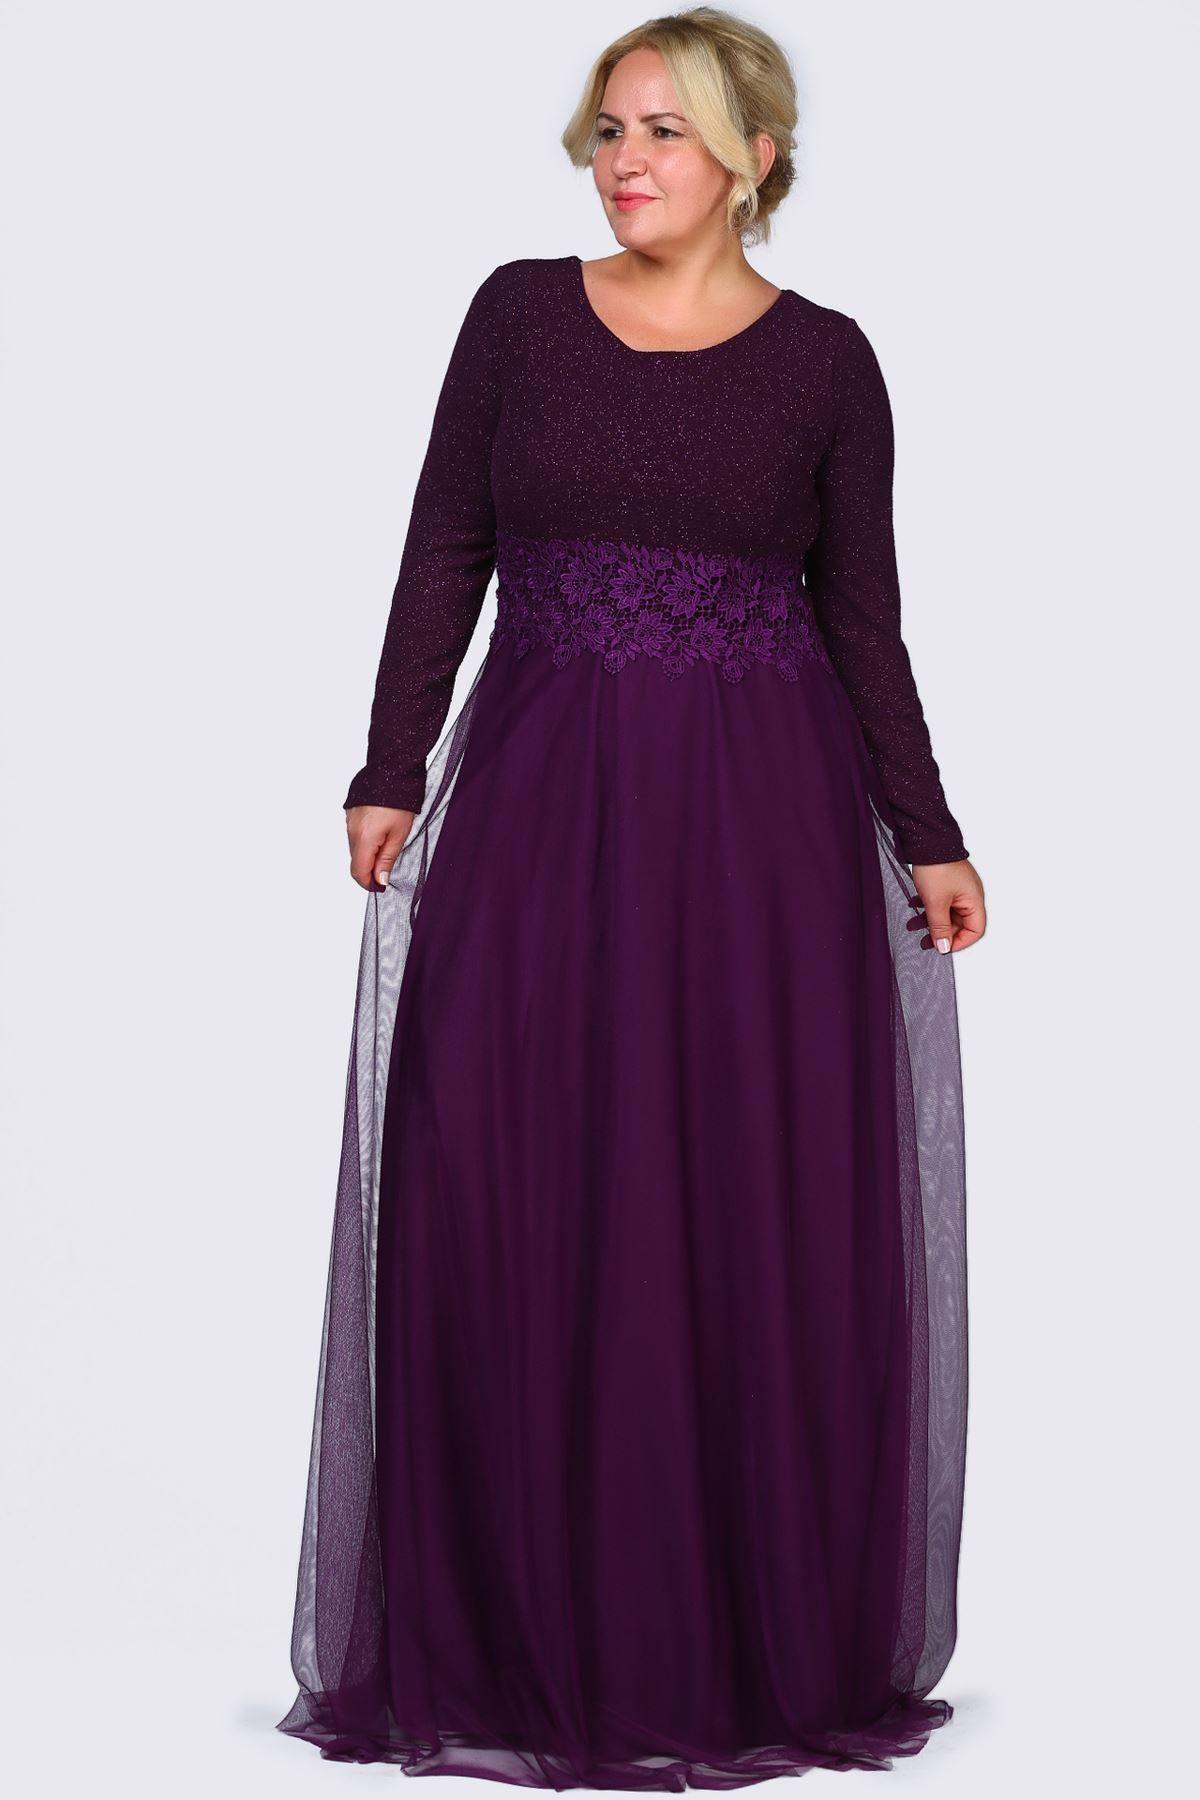 En Sik Patirti Com Tesettur Abiye Elbise Modelleri Www Tesetturelbis Tesettur Modasi 2020 Evening Dresses Dresses Long Sleeve Dress